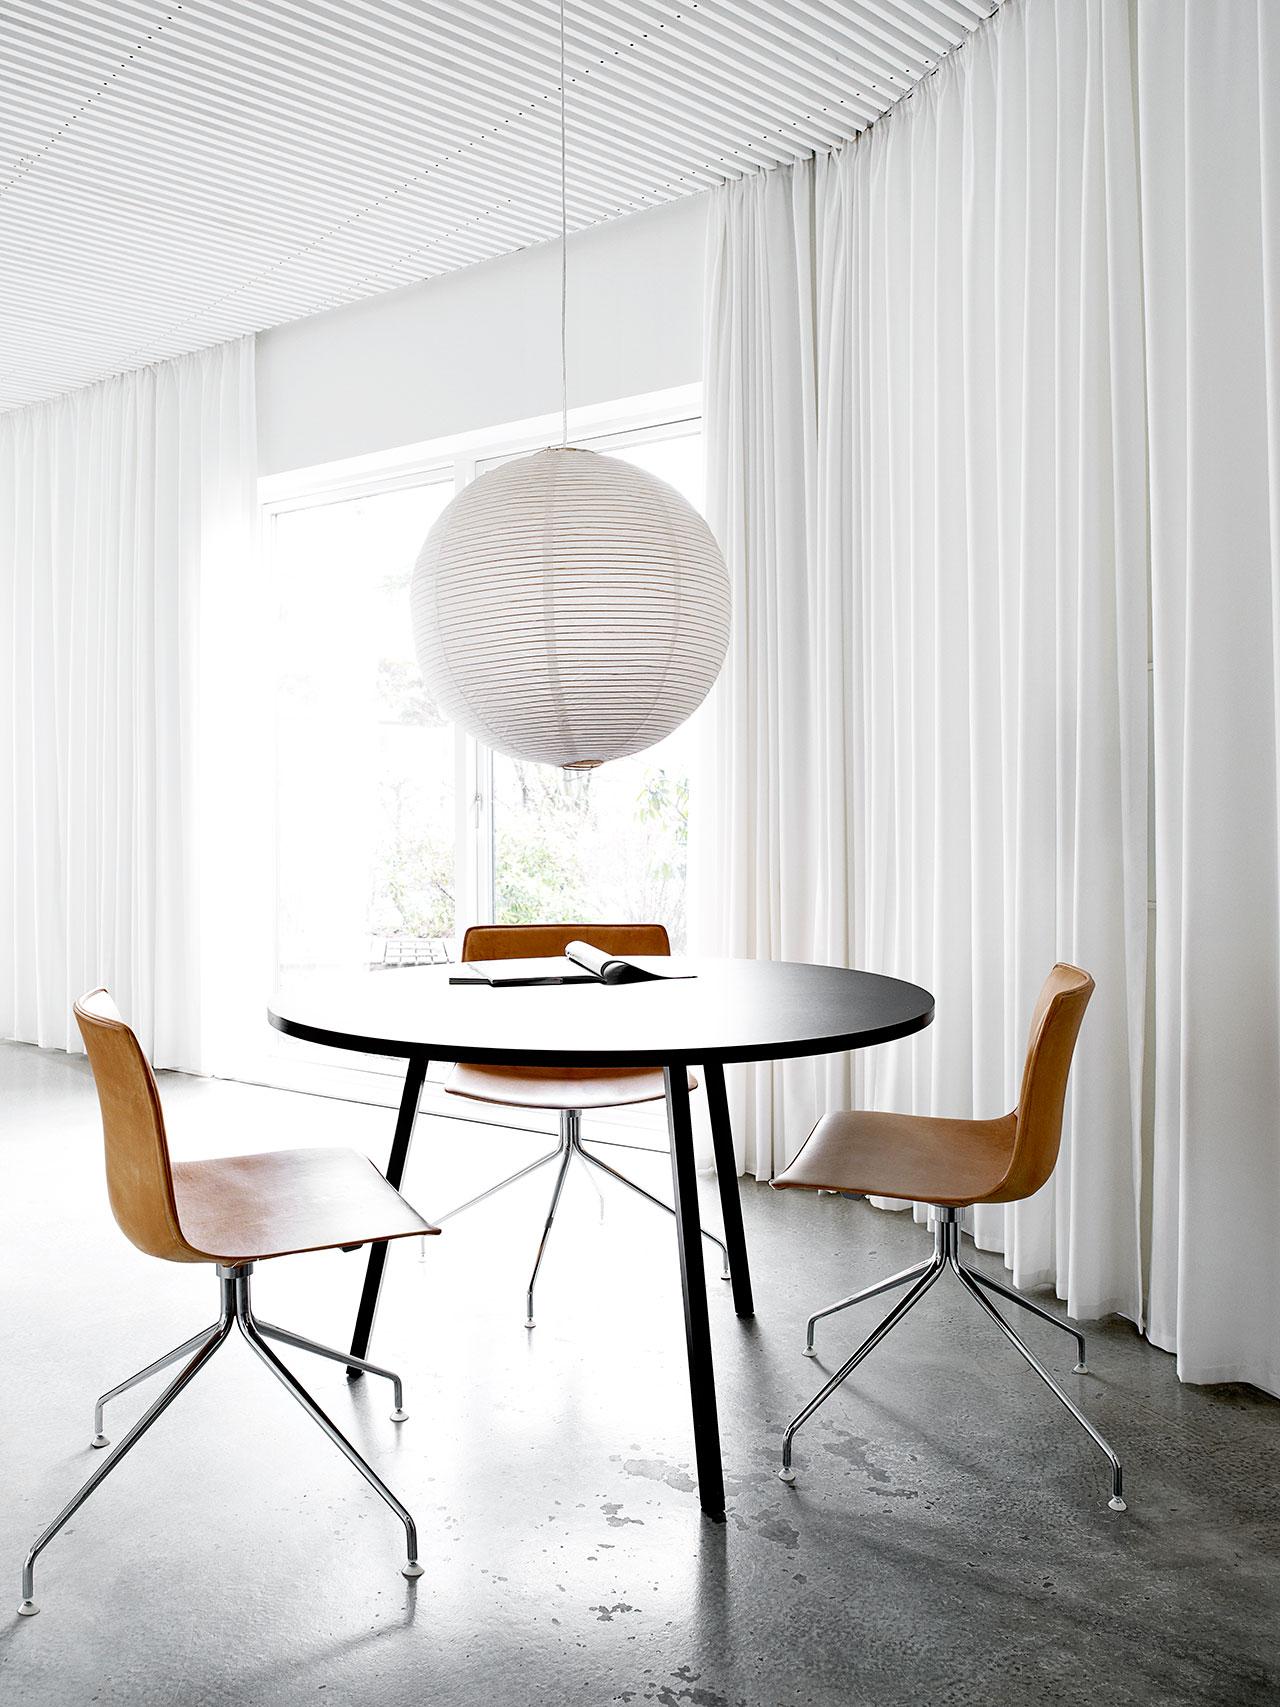 Photo©MIkkel Rahr Mortensen, styling byGitte Kjaer.